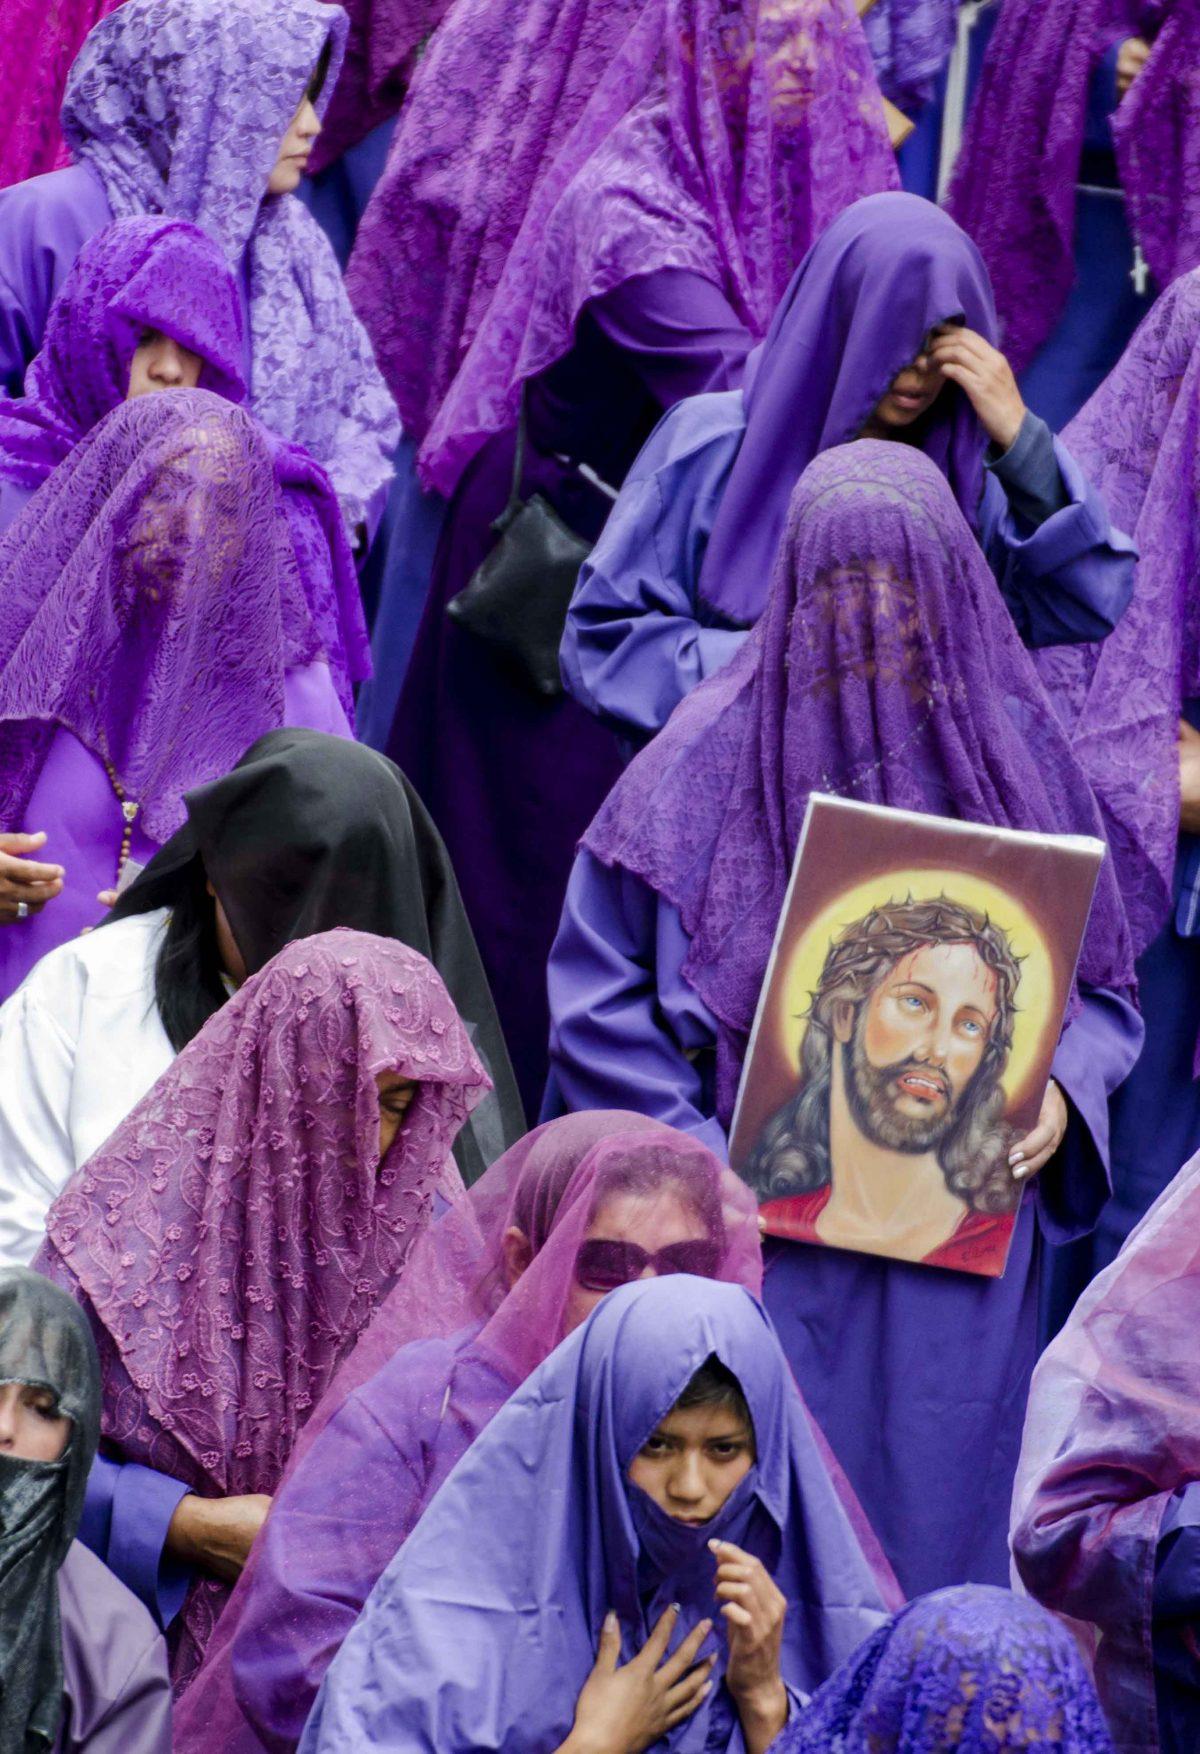 Veronica carrying an image of Christ, Quito, Ecuador | ©Angela Drake